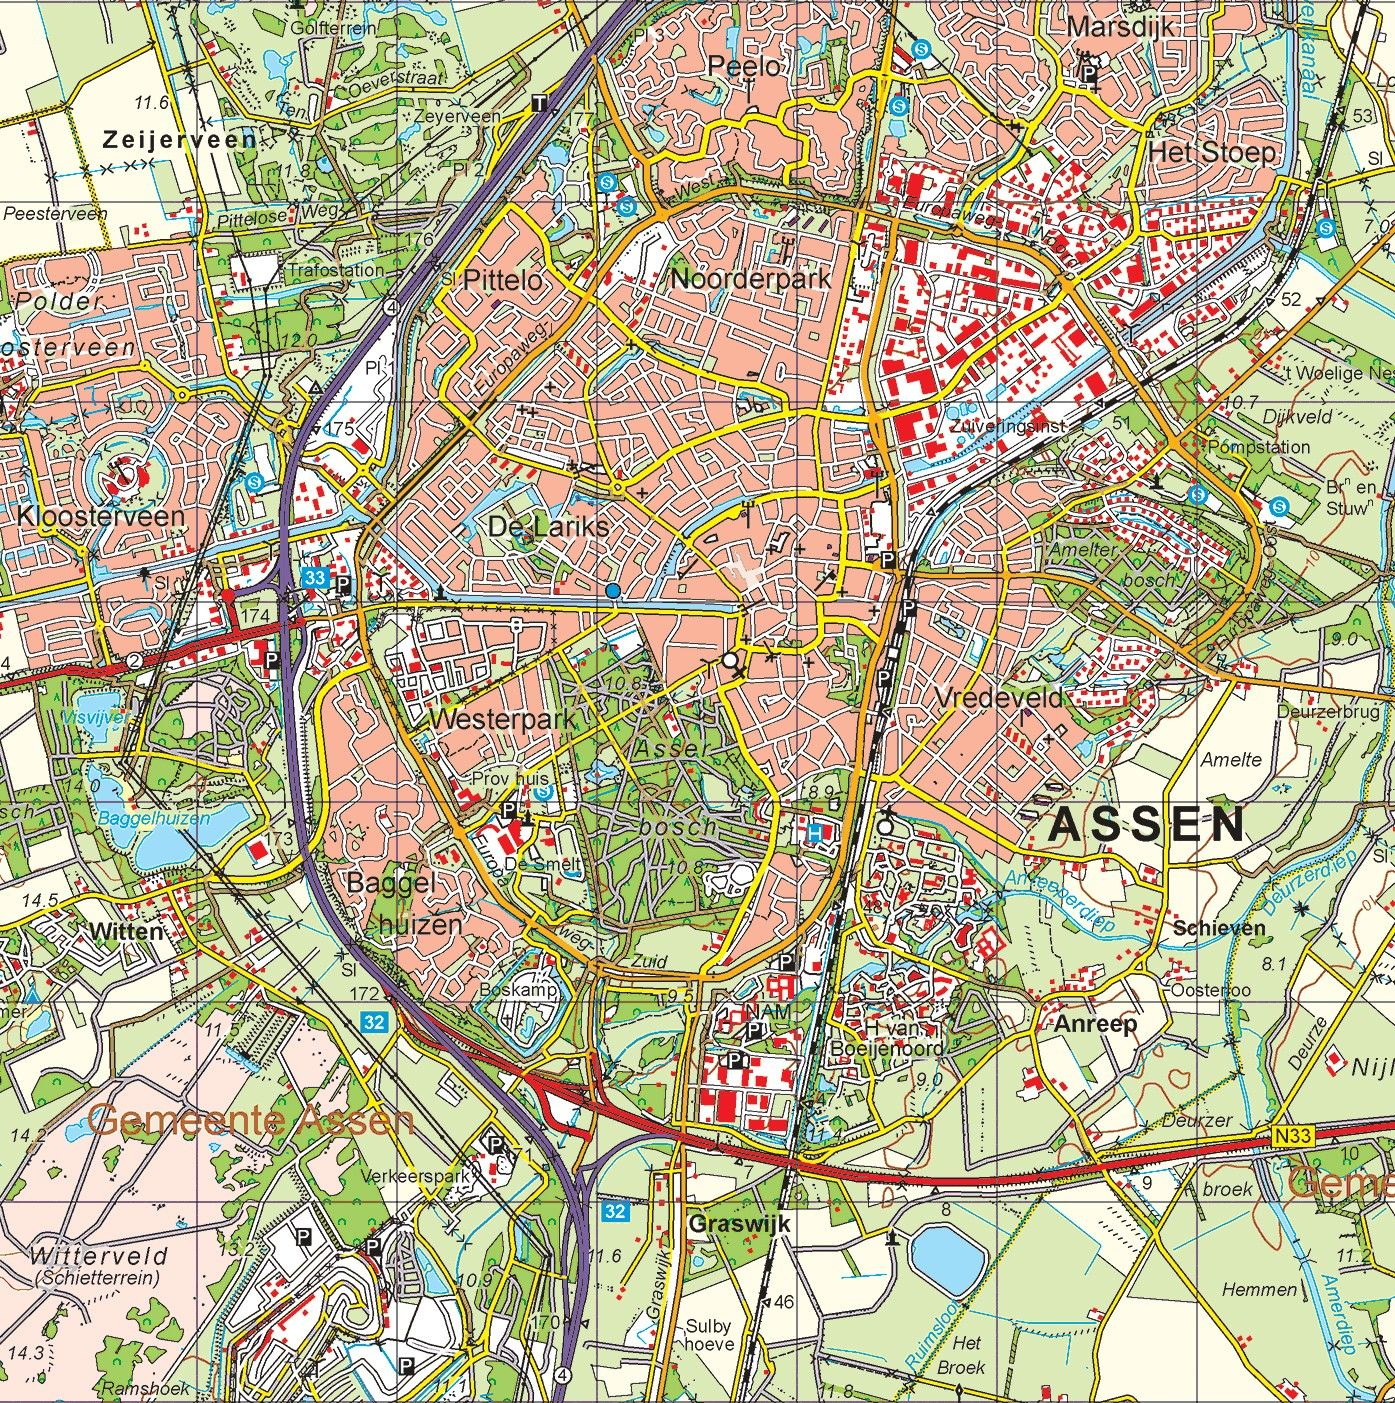 Provincie kaart Drenthe schaal 1:50.000